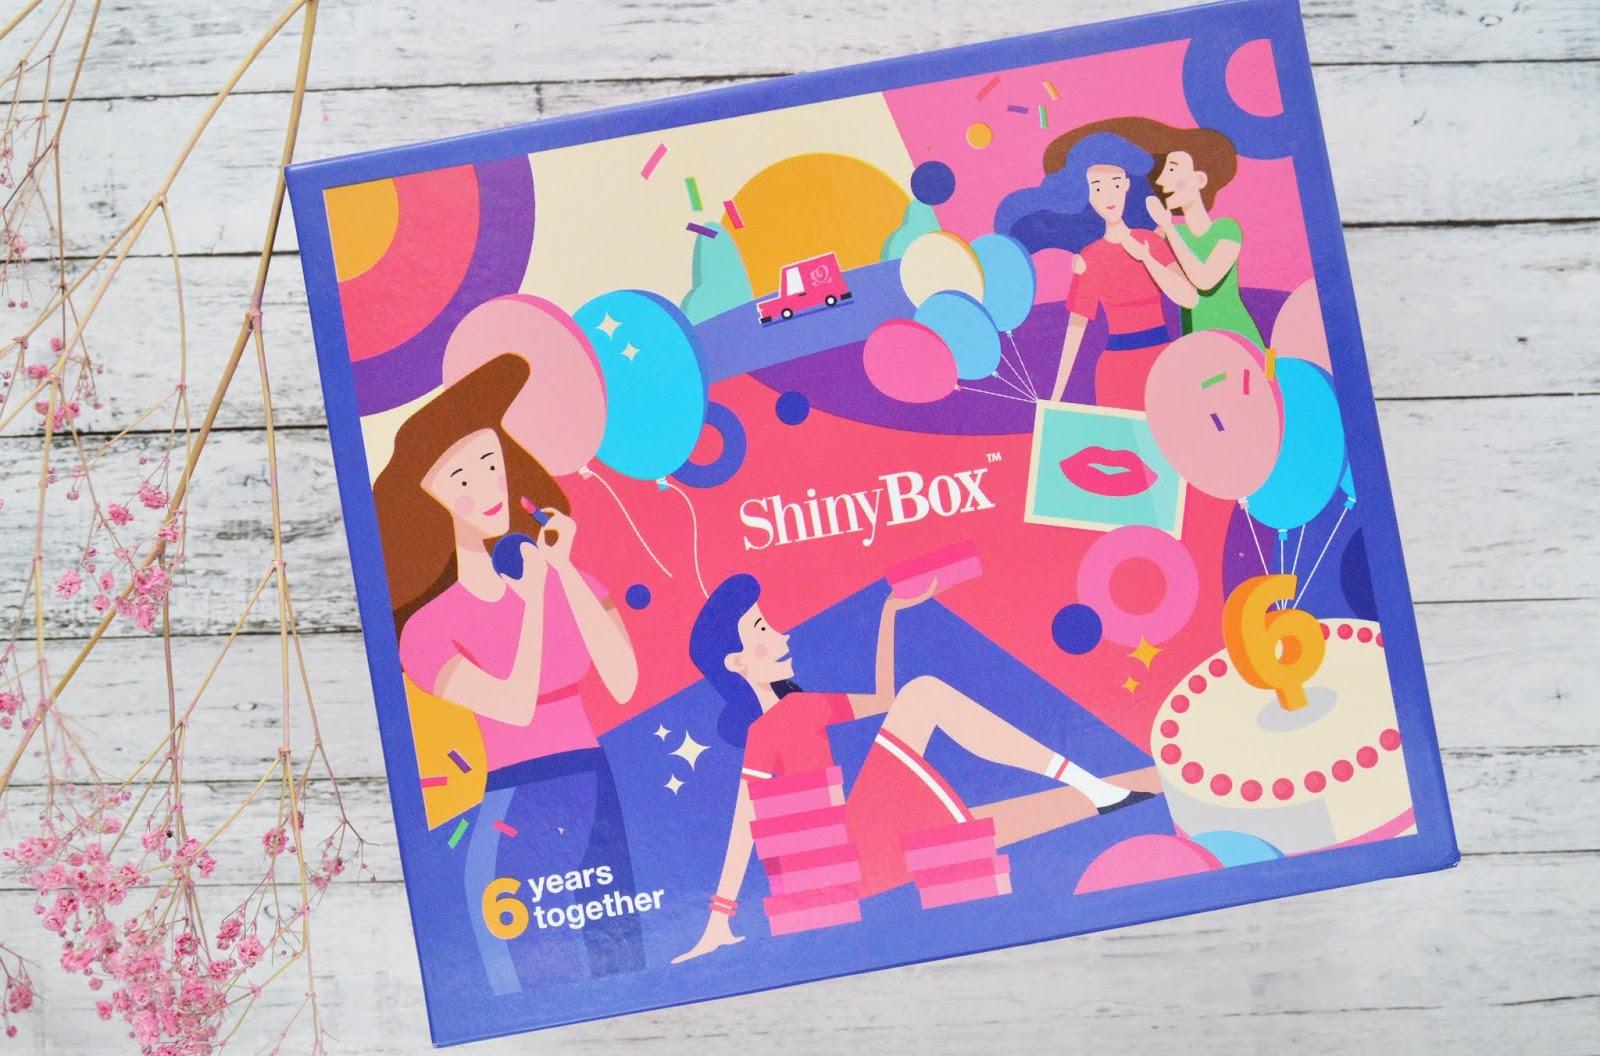 ShinyBox Czerwiec 2018 - 6 Years Together - Dlaczego zrezygnowałam z bycia ambasadorką?